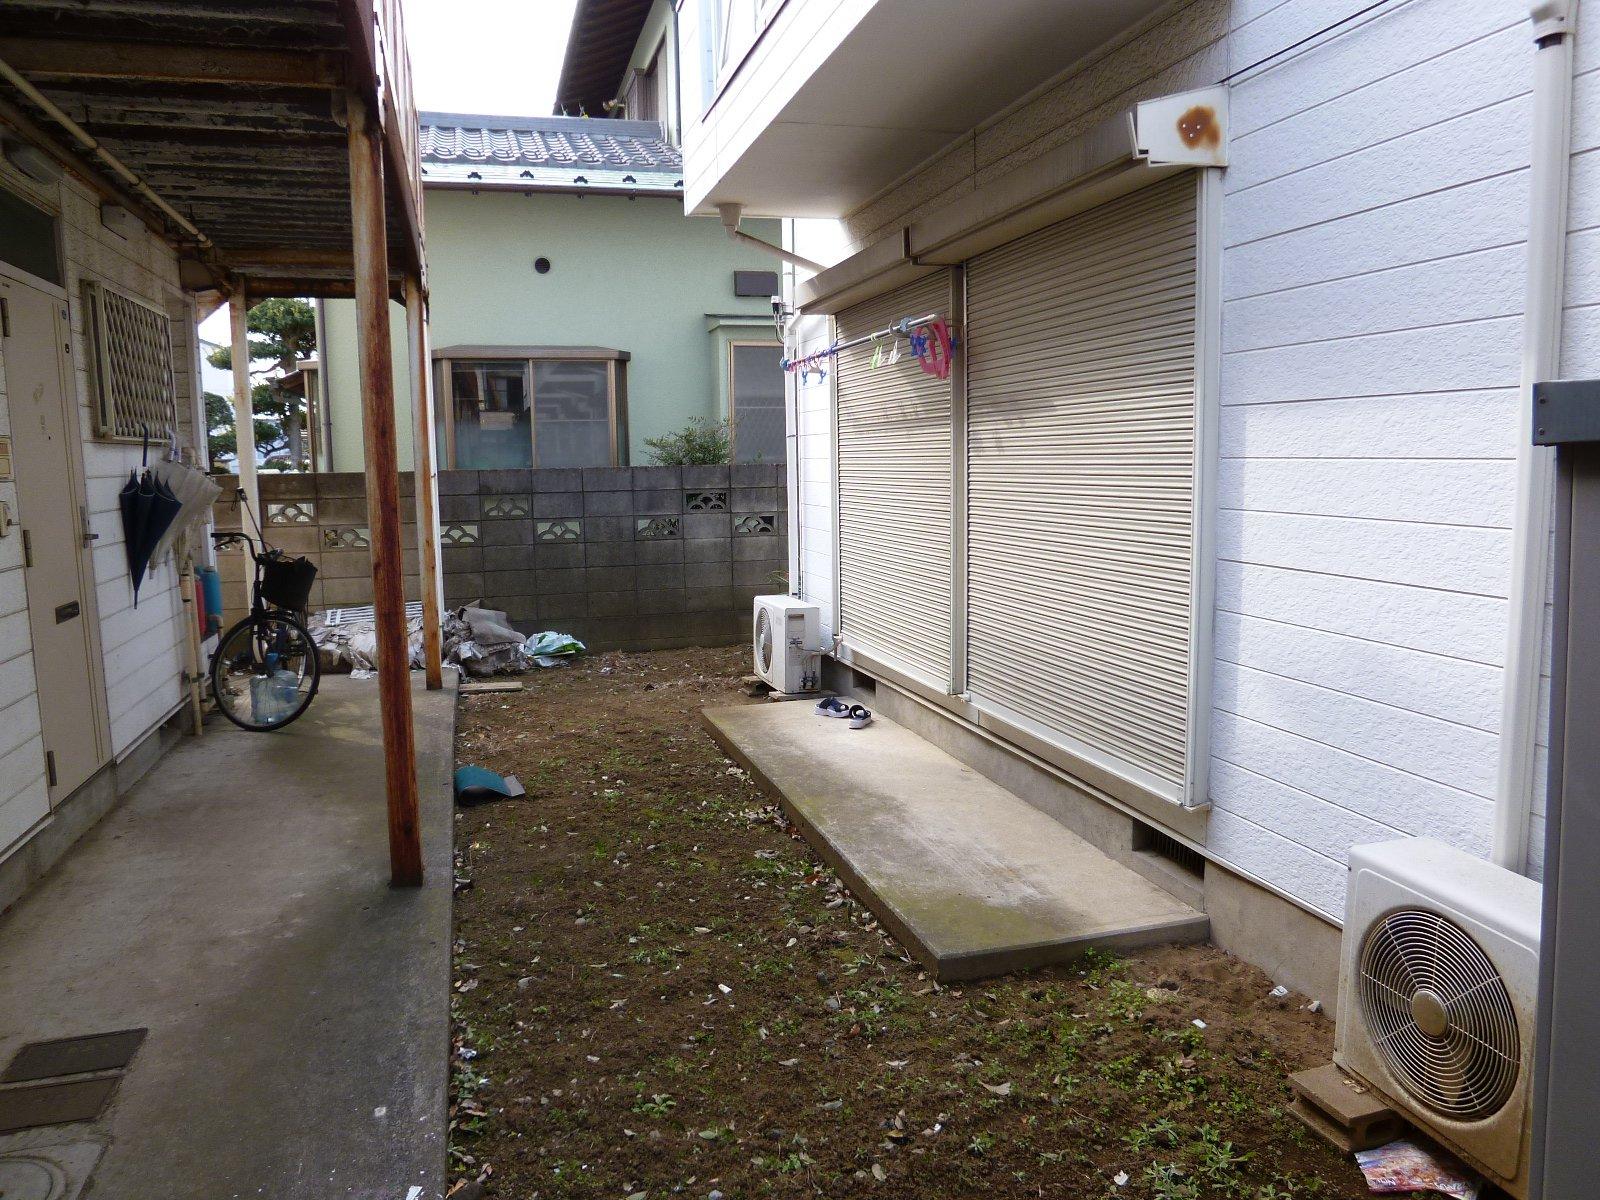 ヒルズ川口B 0086 - Before:2枚目(サムネイル)